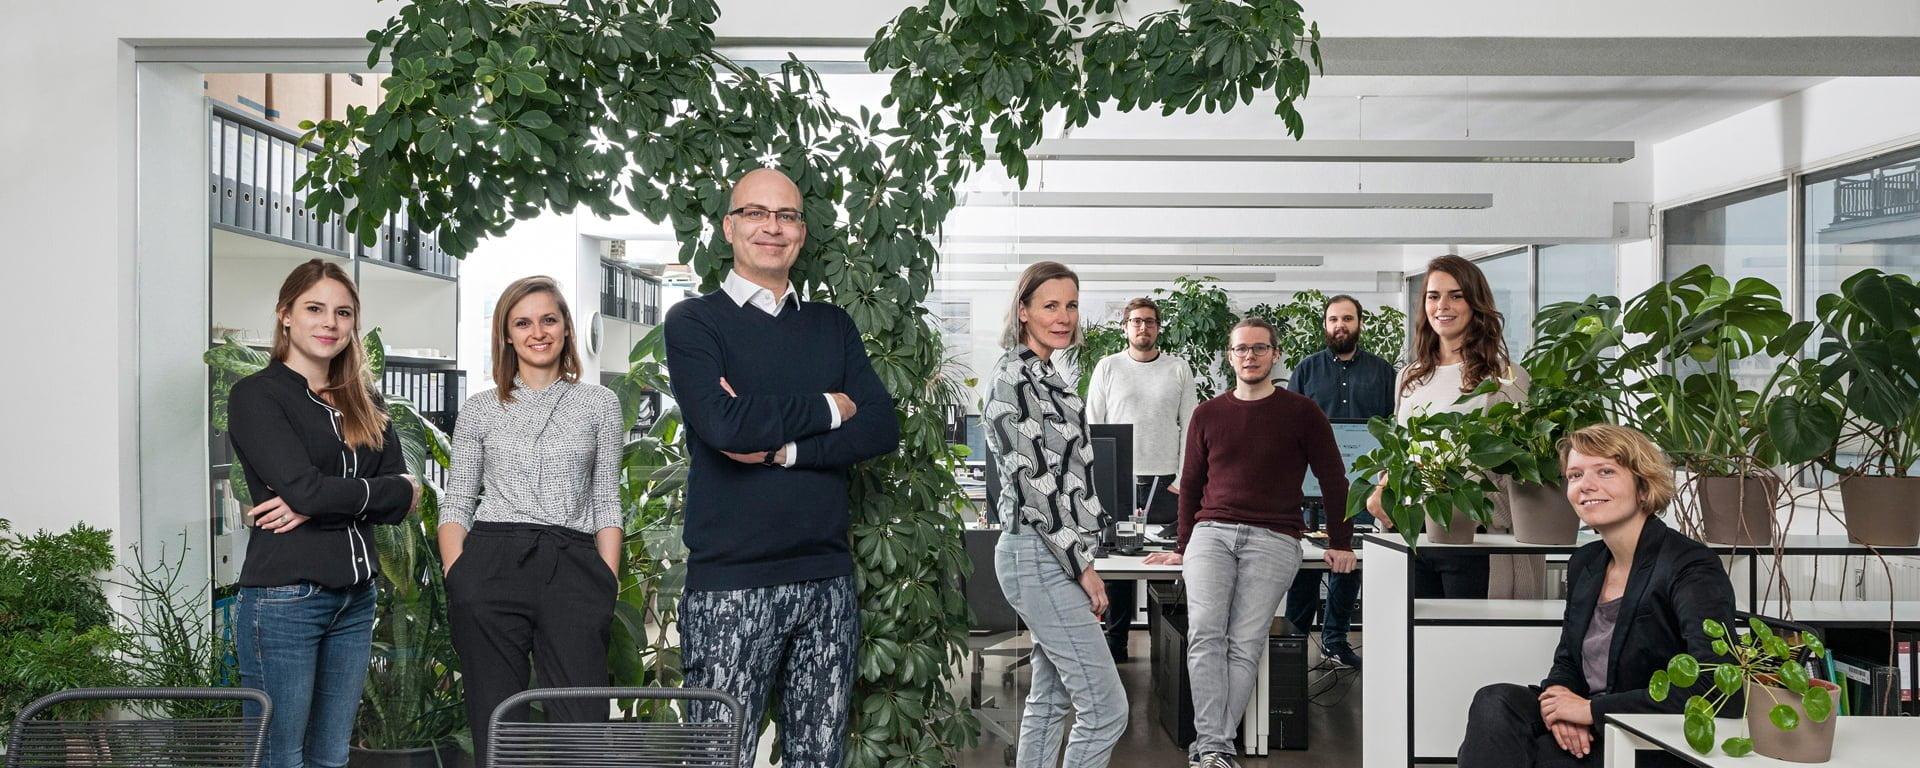 clemens-kirsch-architektur-teamfoto